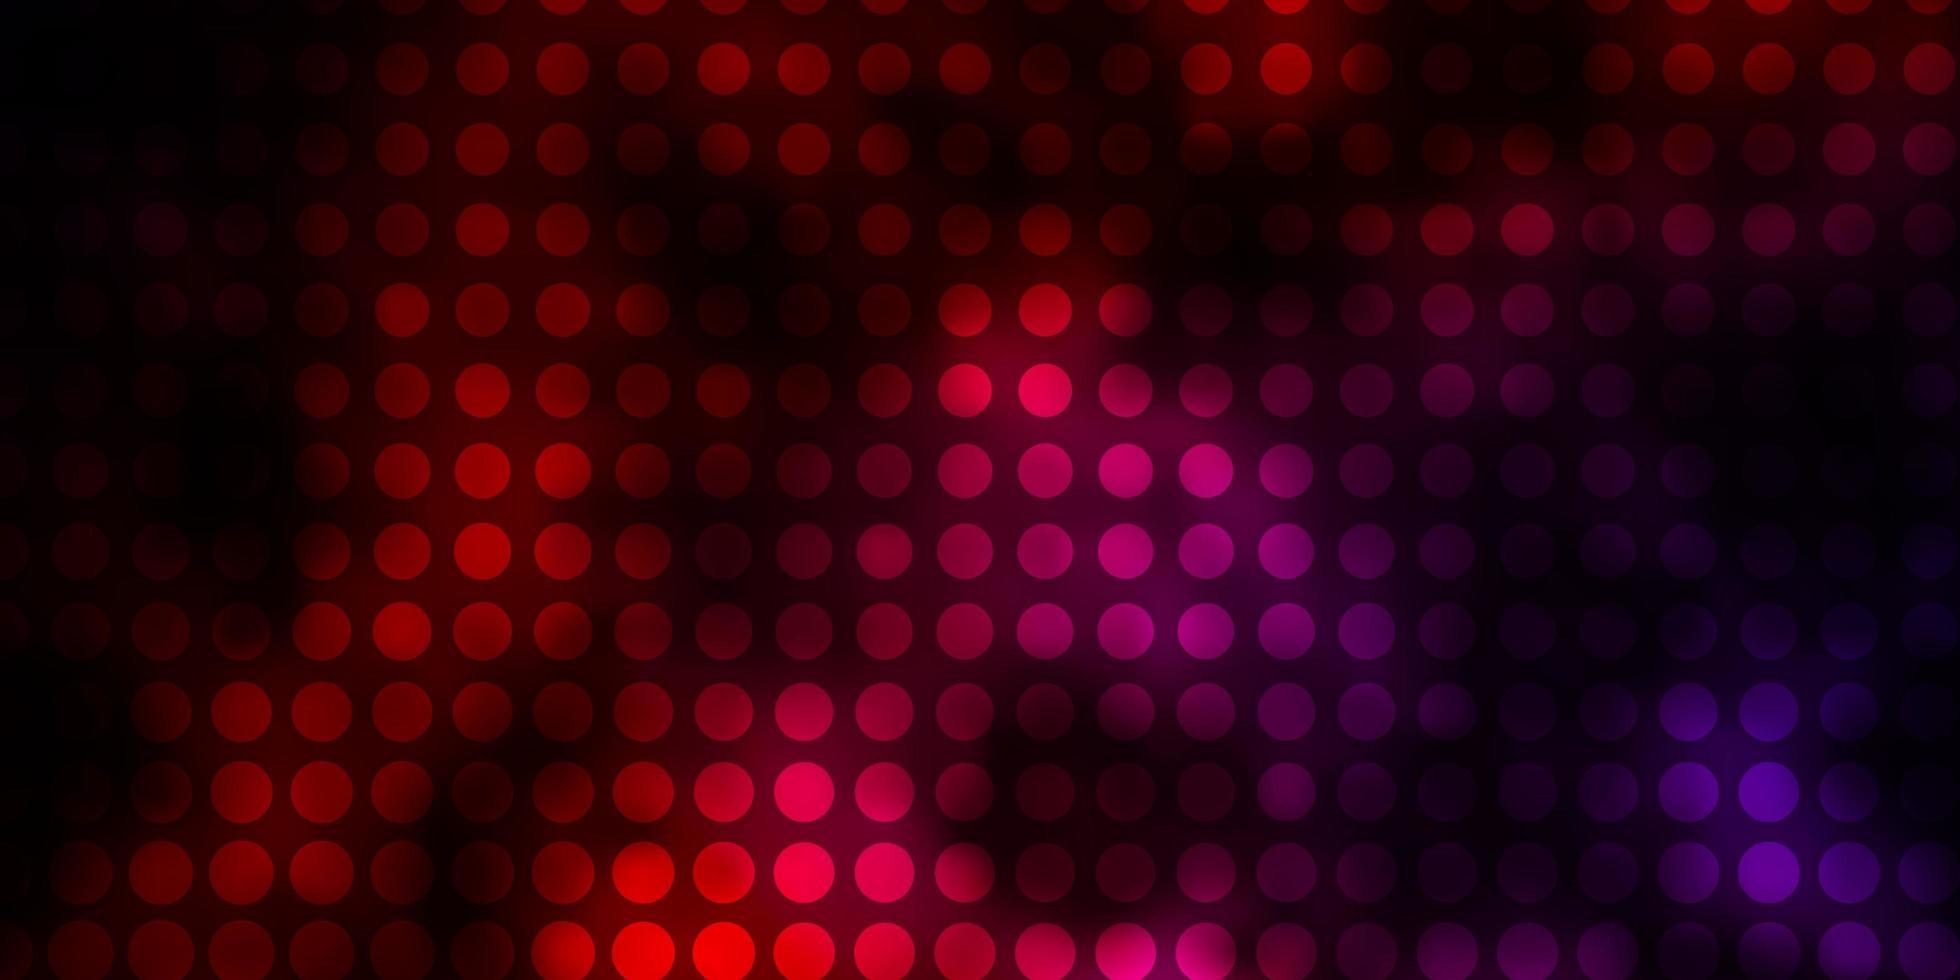 dunkelrosa, roter Vektorhintergrund mit Kreisen. vektor